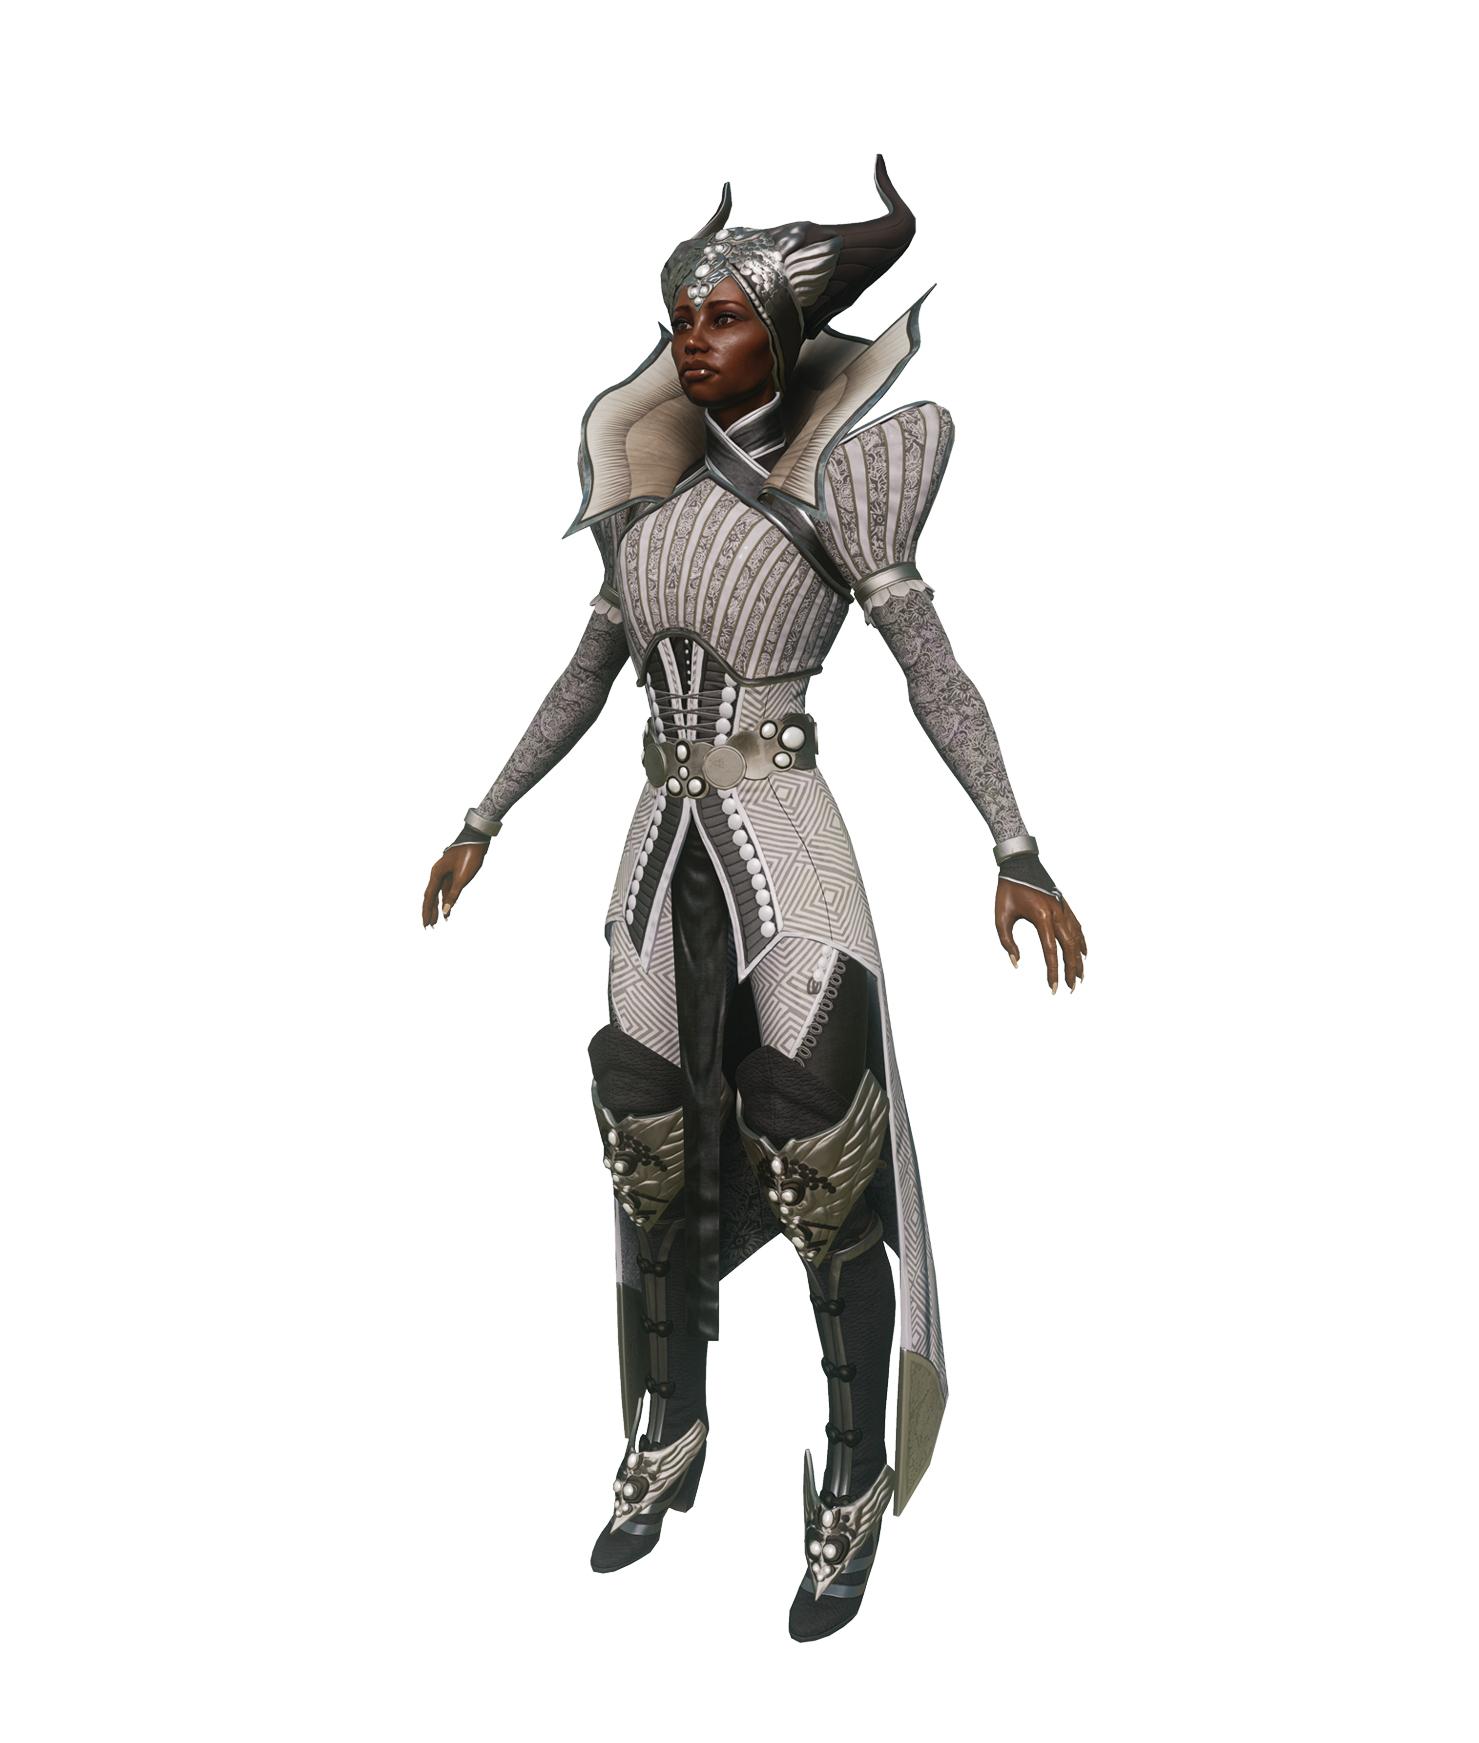 Dragon Age  Inquisition - All News  5284f24e1cd2